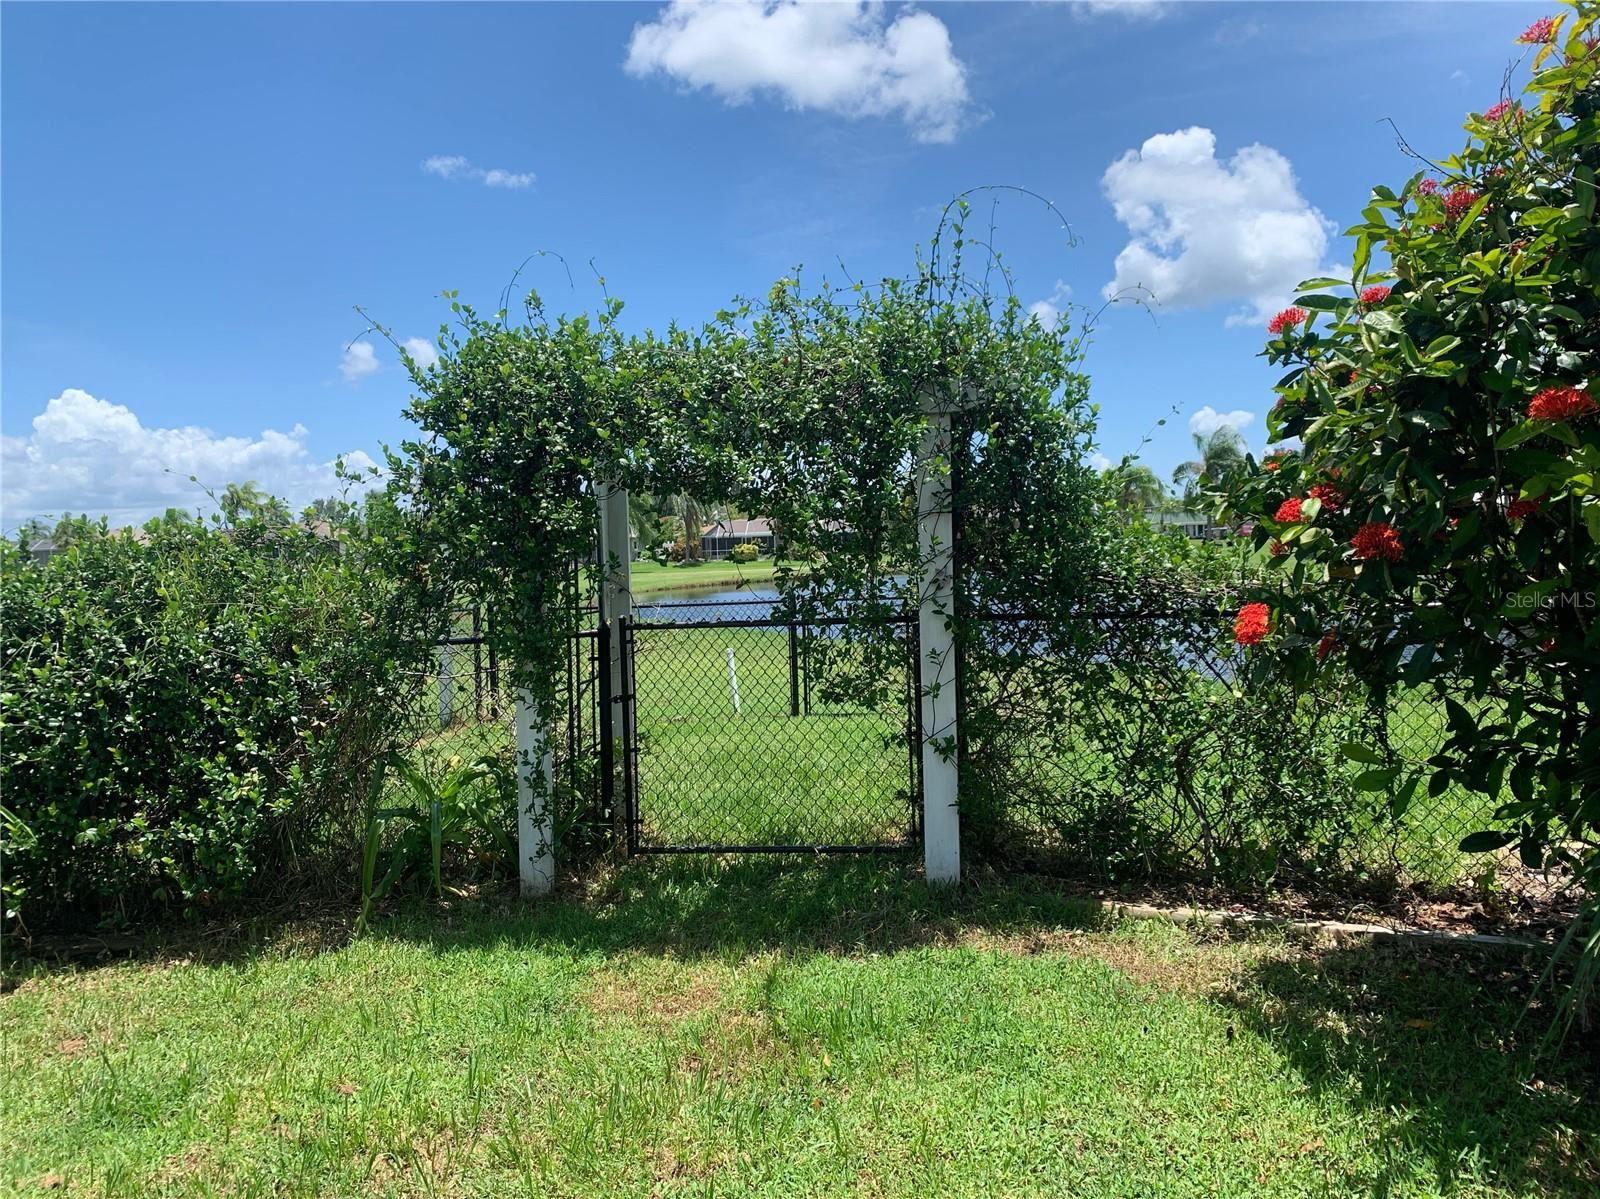 Photo of 45 OAKLAND HILLS COURT, ROTONDA WEST, FL 33947 (MLS # D6120140)